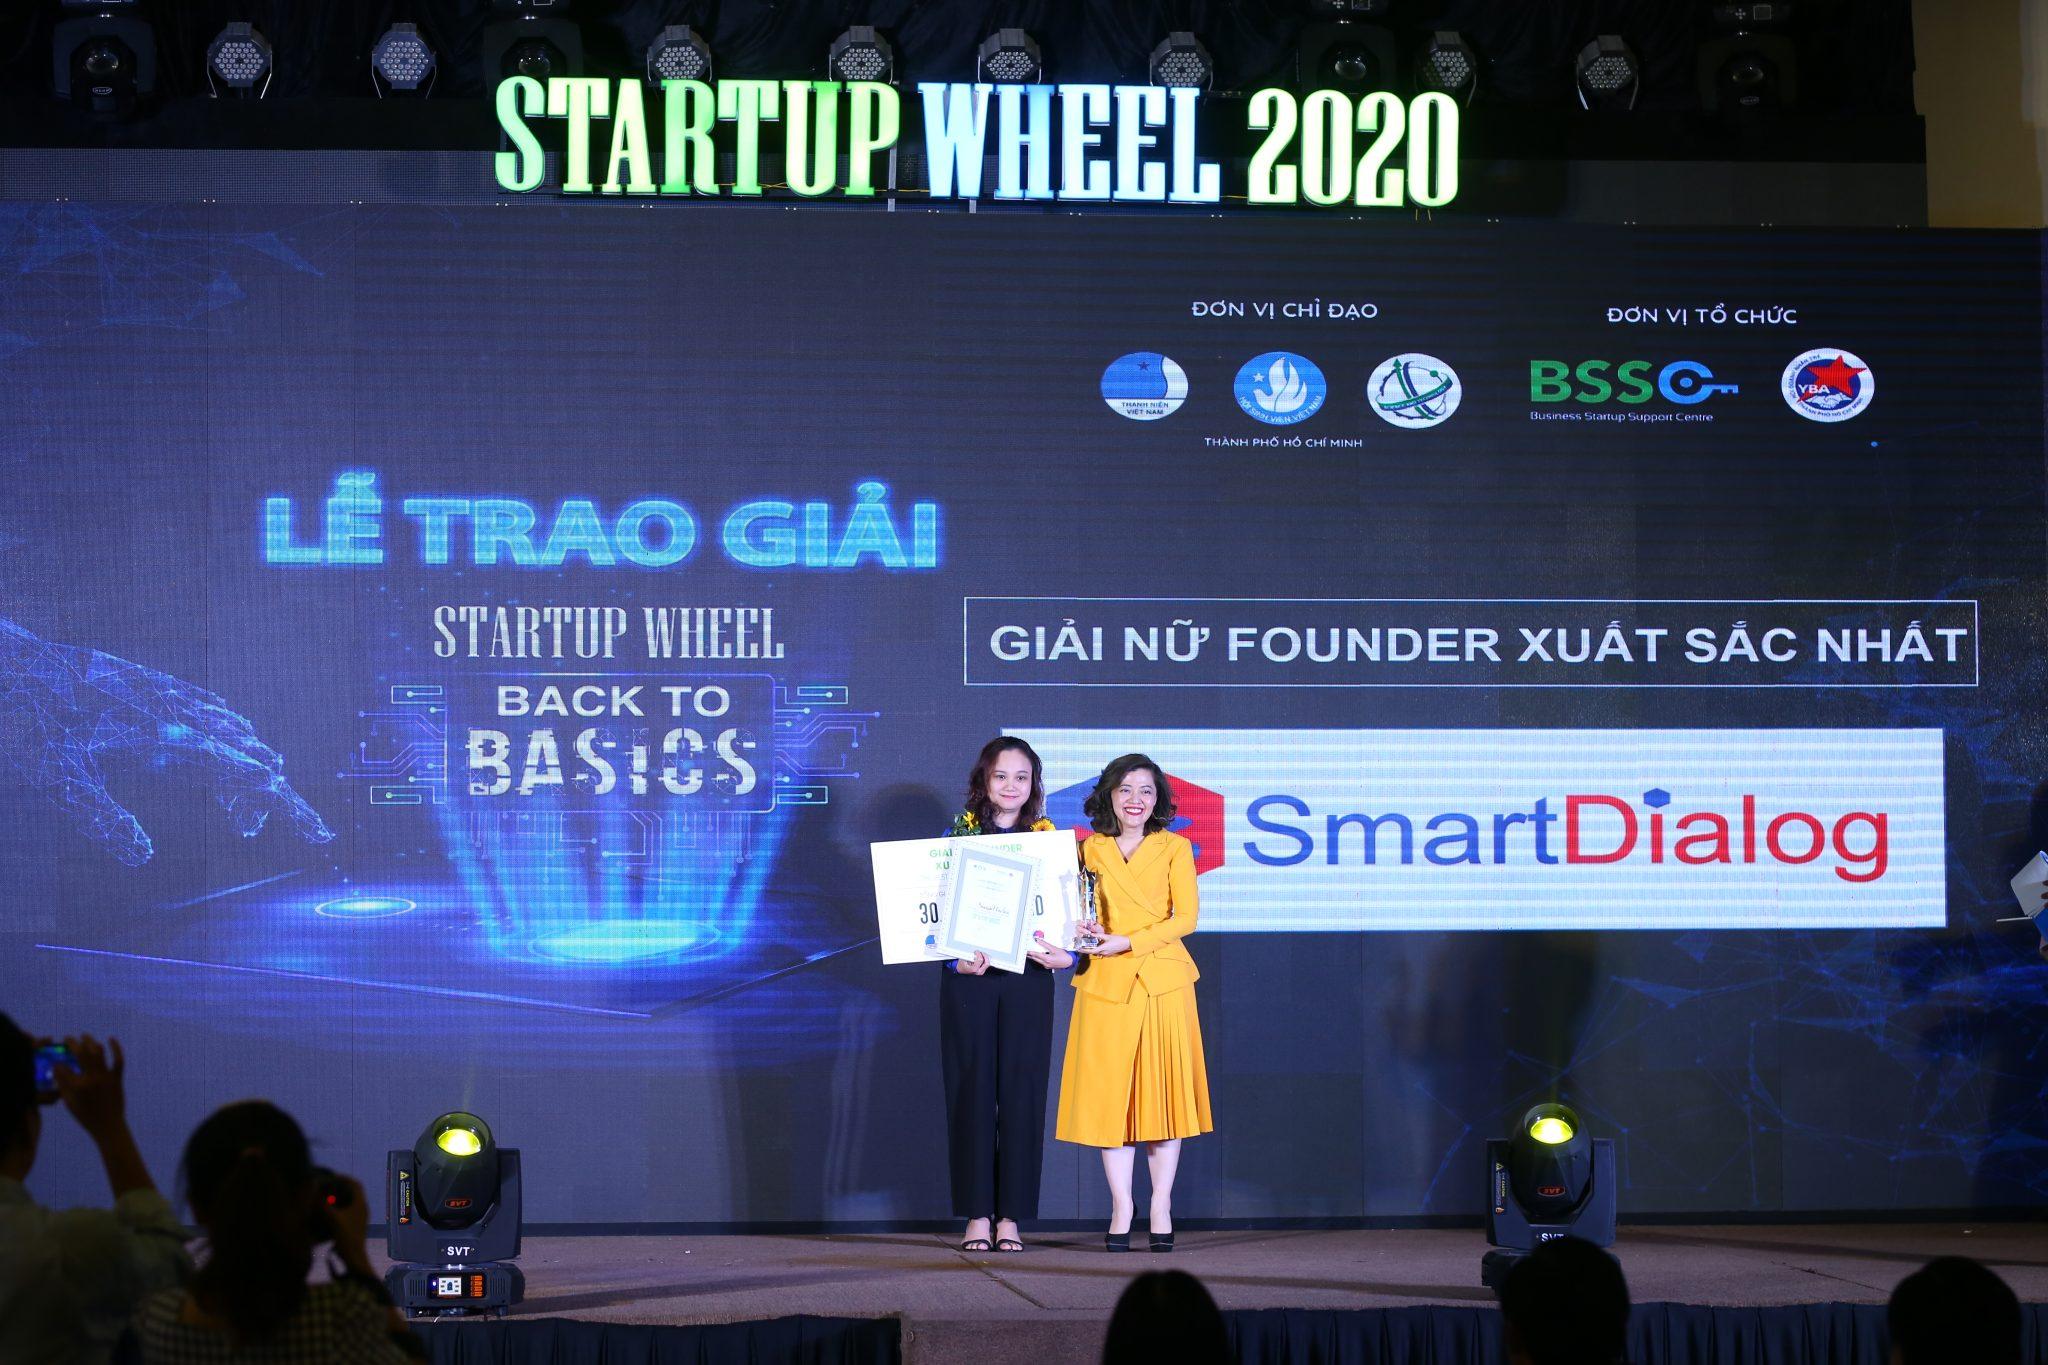 Startup Wheel 2020 3 Umbalena – Ứng dụng sách dành cho trẻ em đạt giải Nhất cuộc thi Startup Wheel 2020